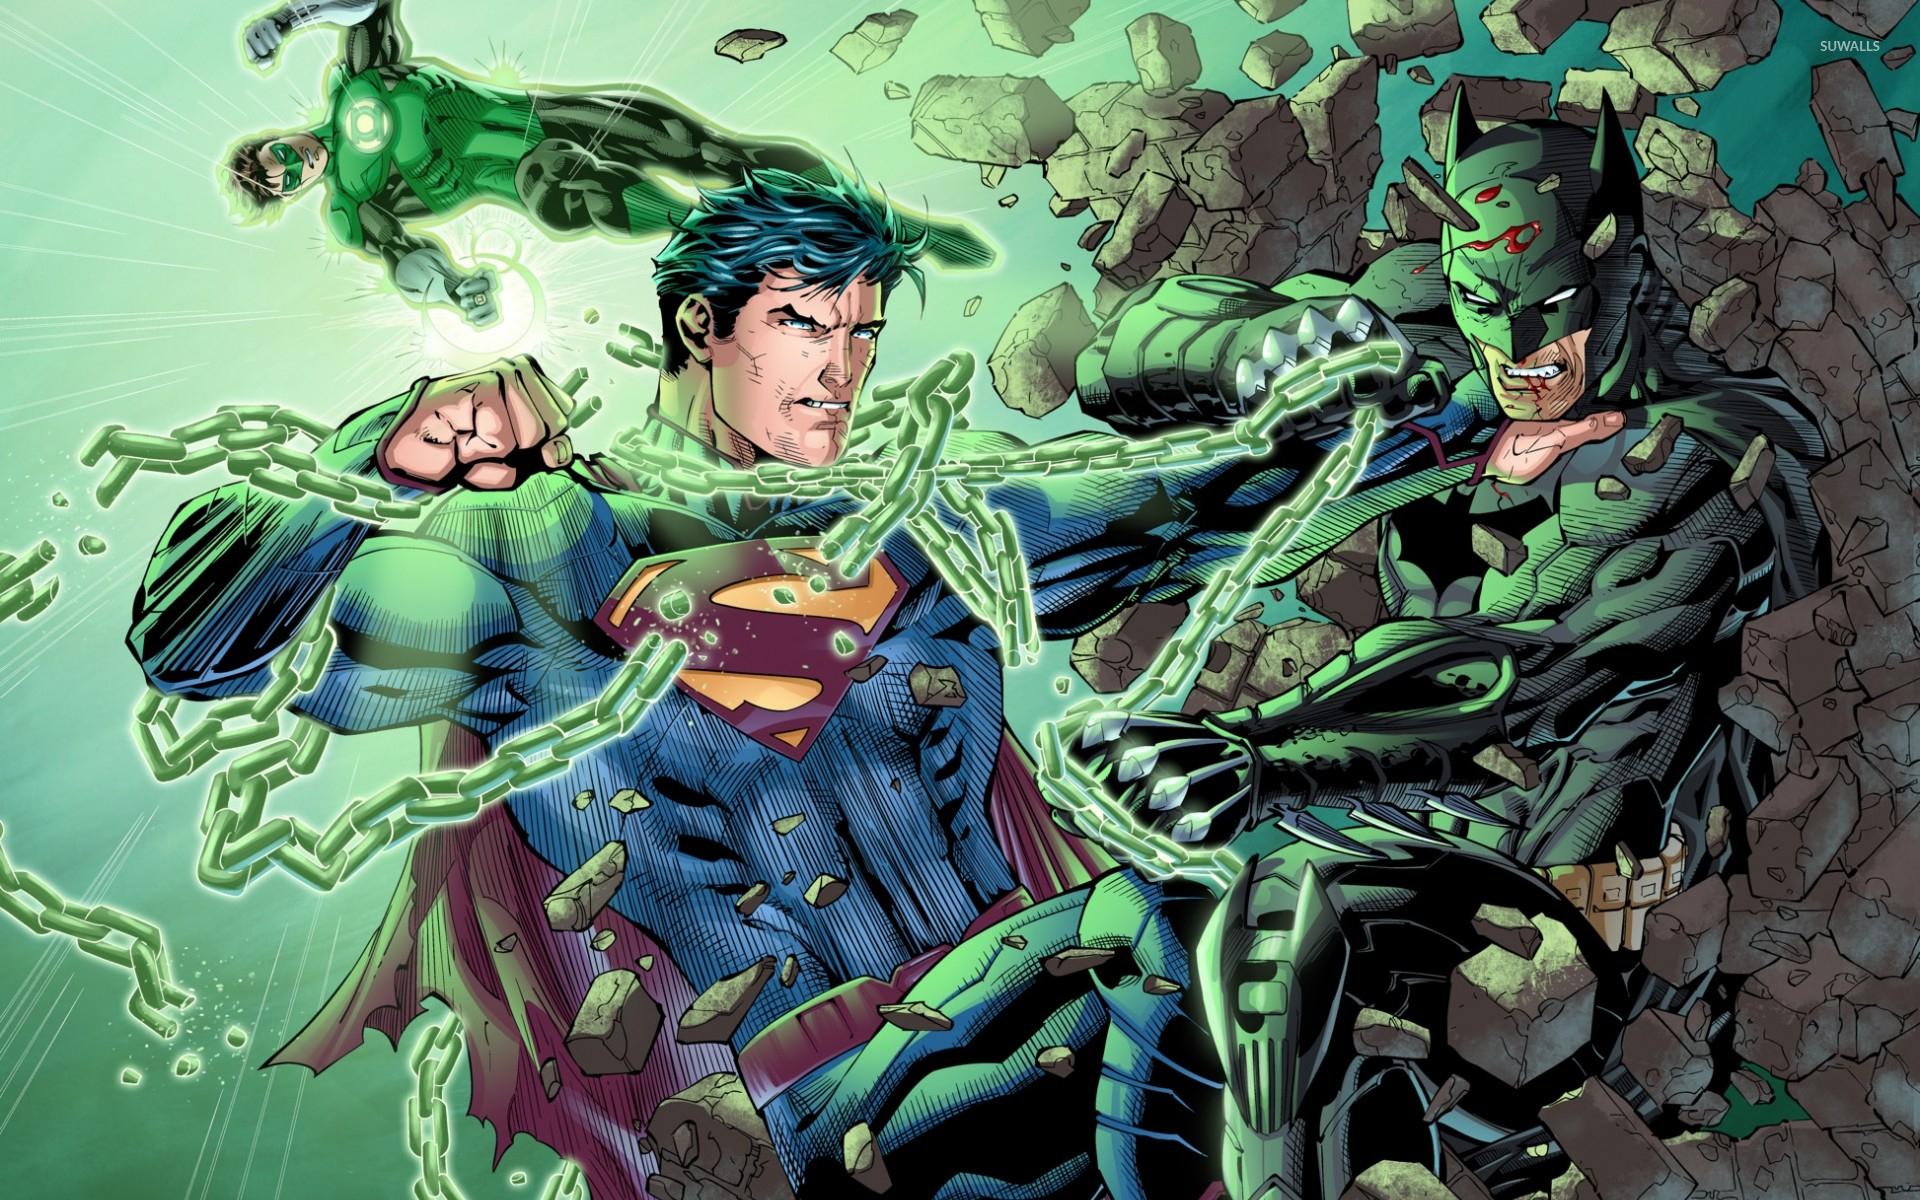 Superman Fighting Batman Wallpaper Comics